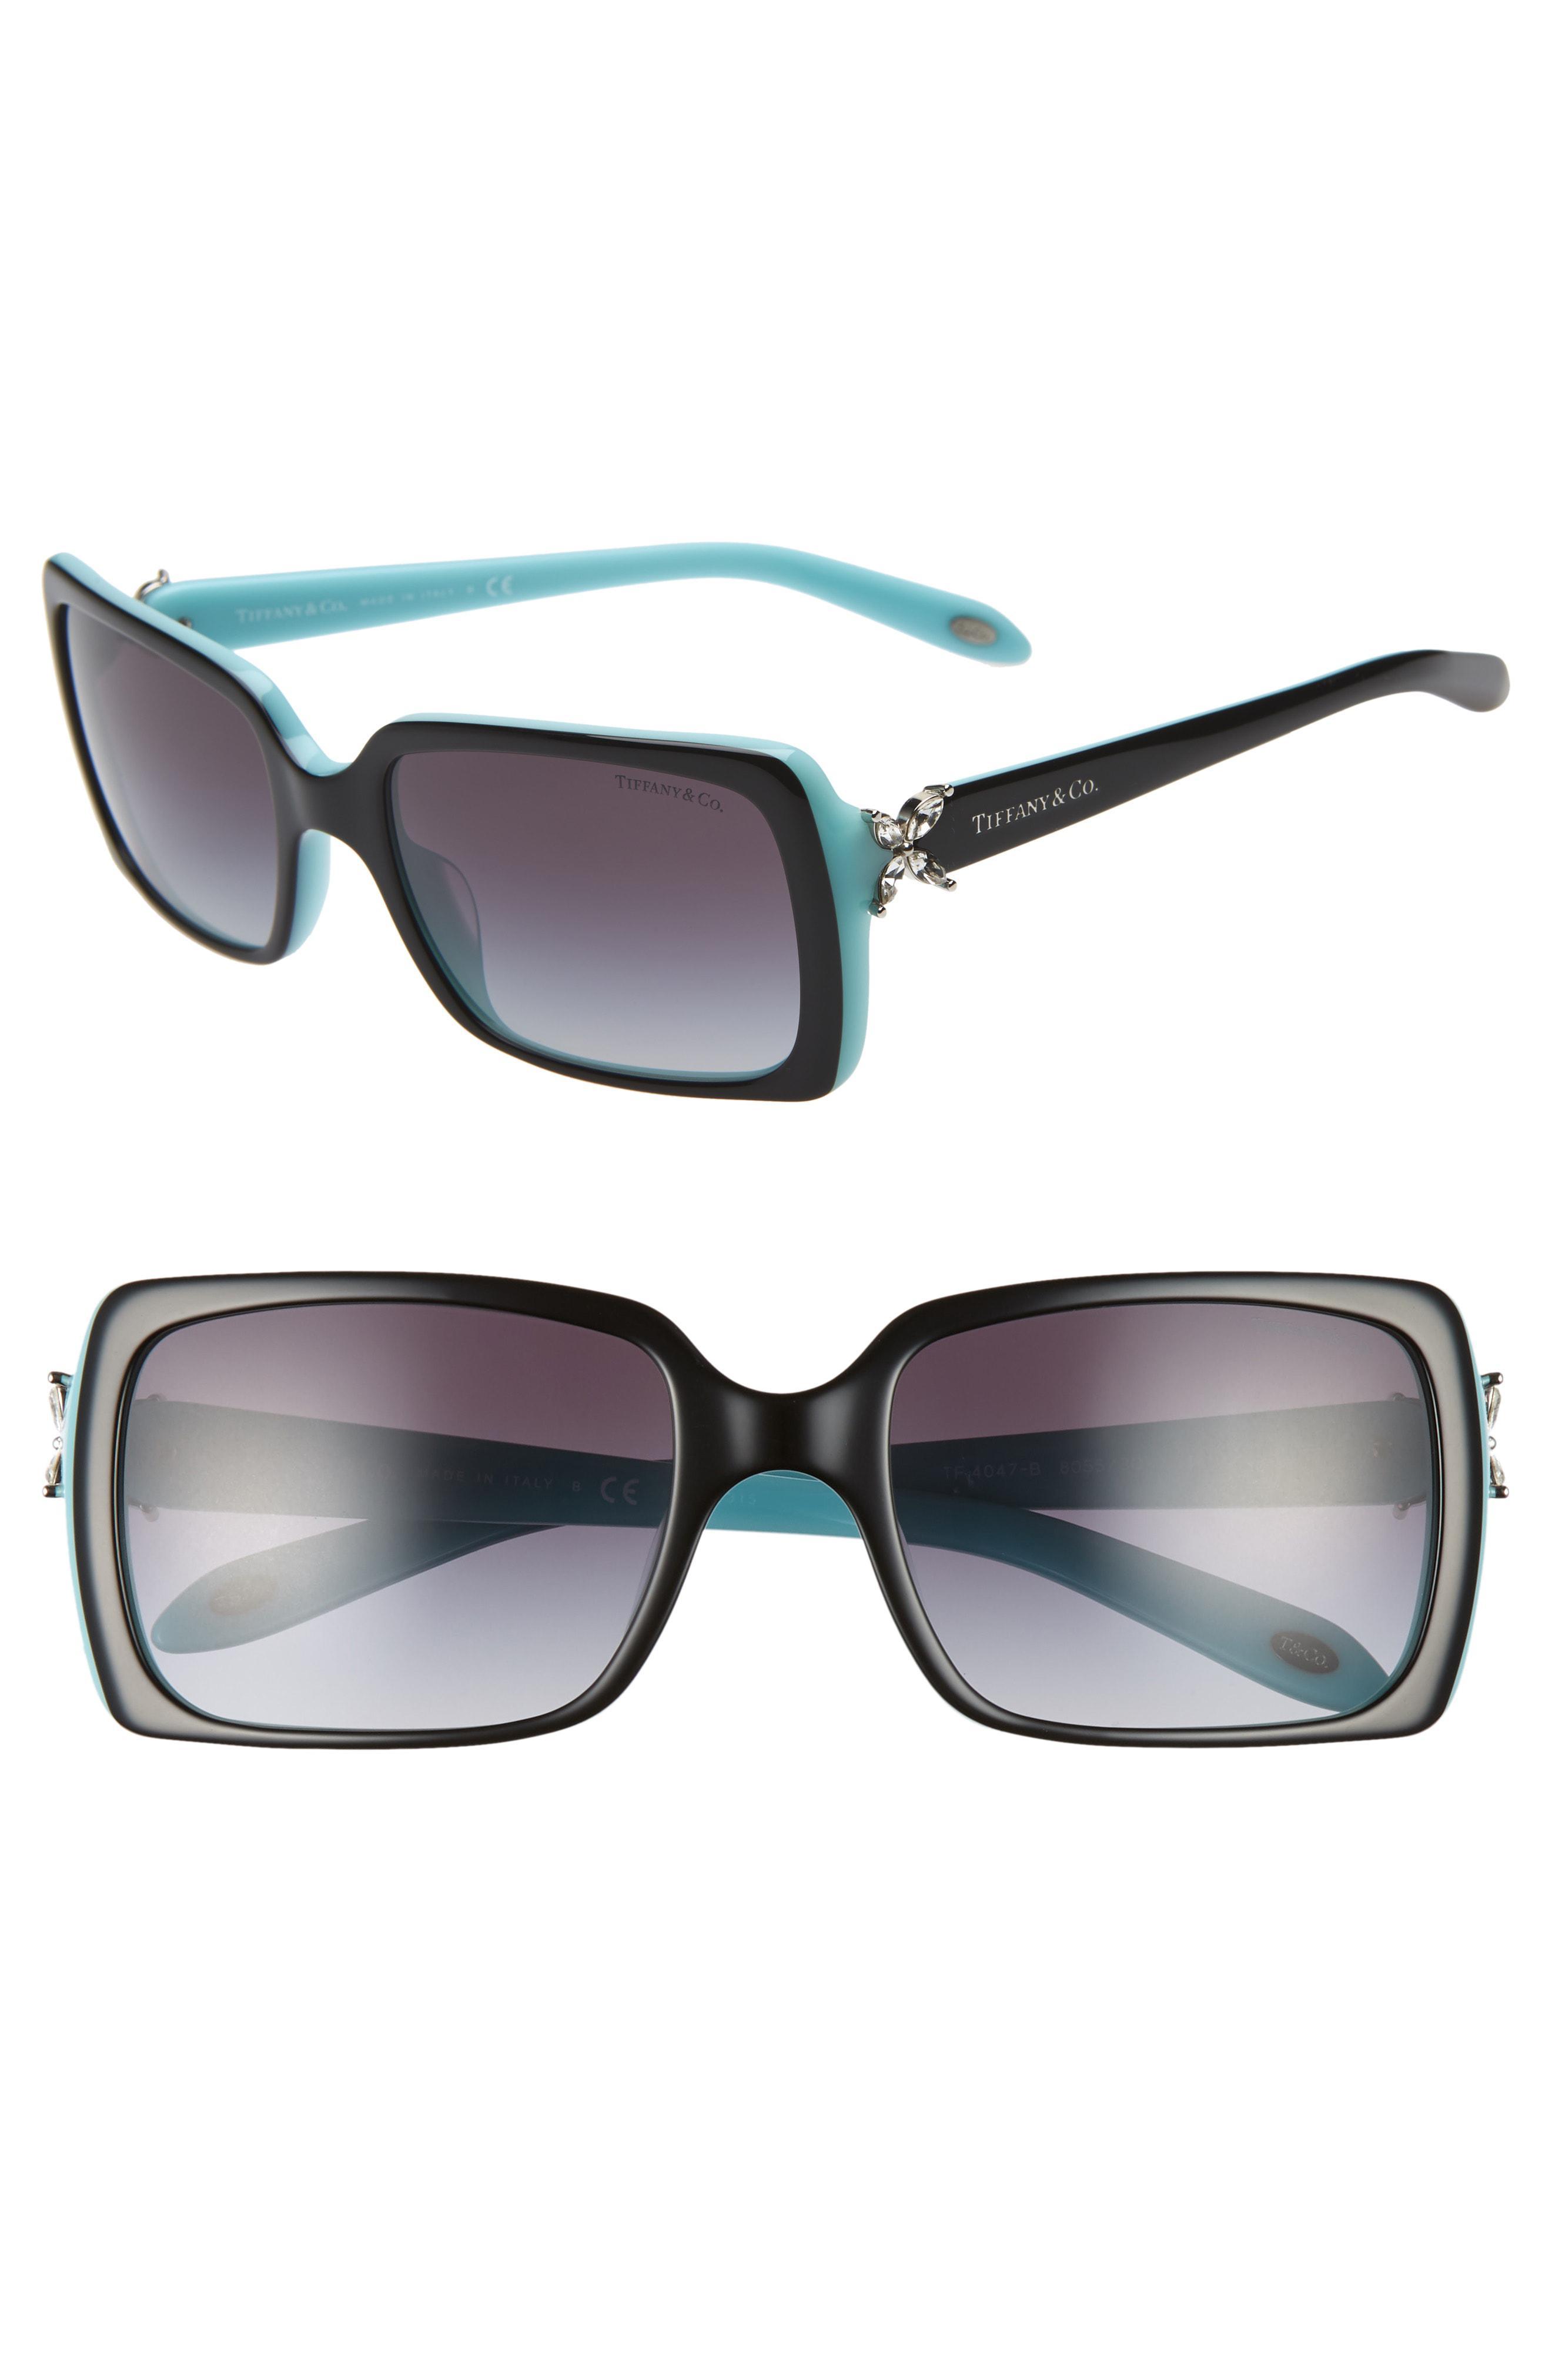 ff745948fd Lyst - Tiffany   Co. 55mm Square Sunglasses - in Gray